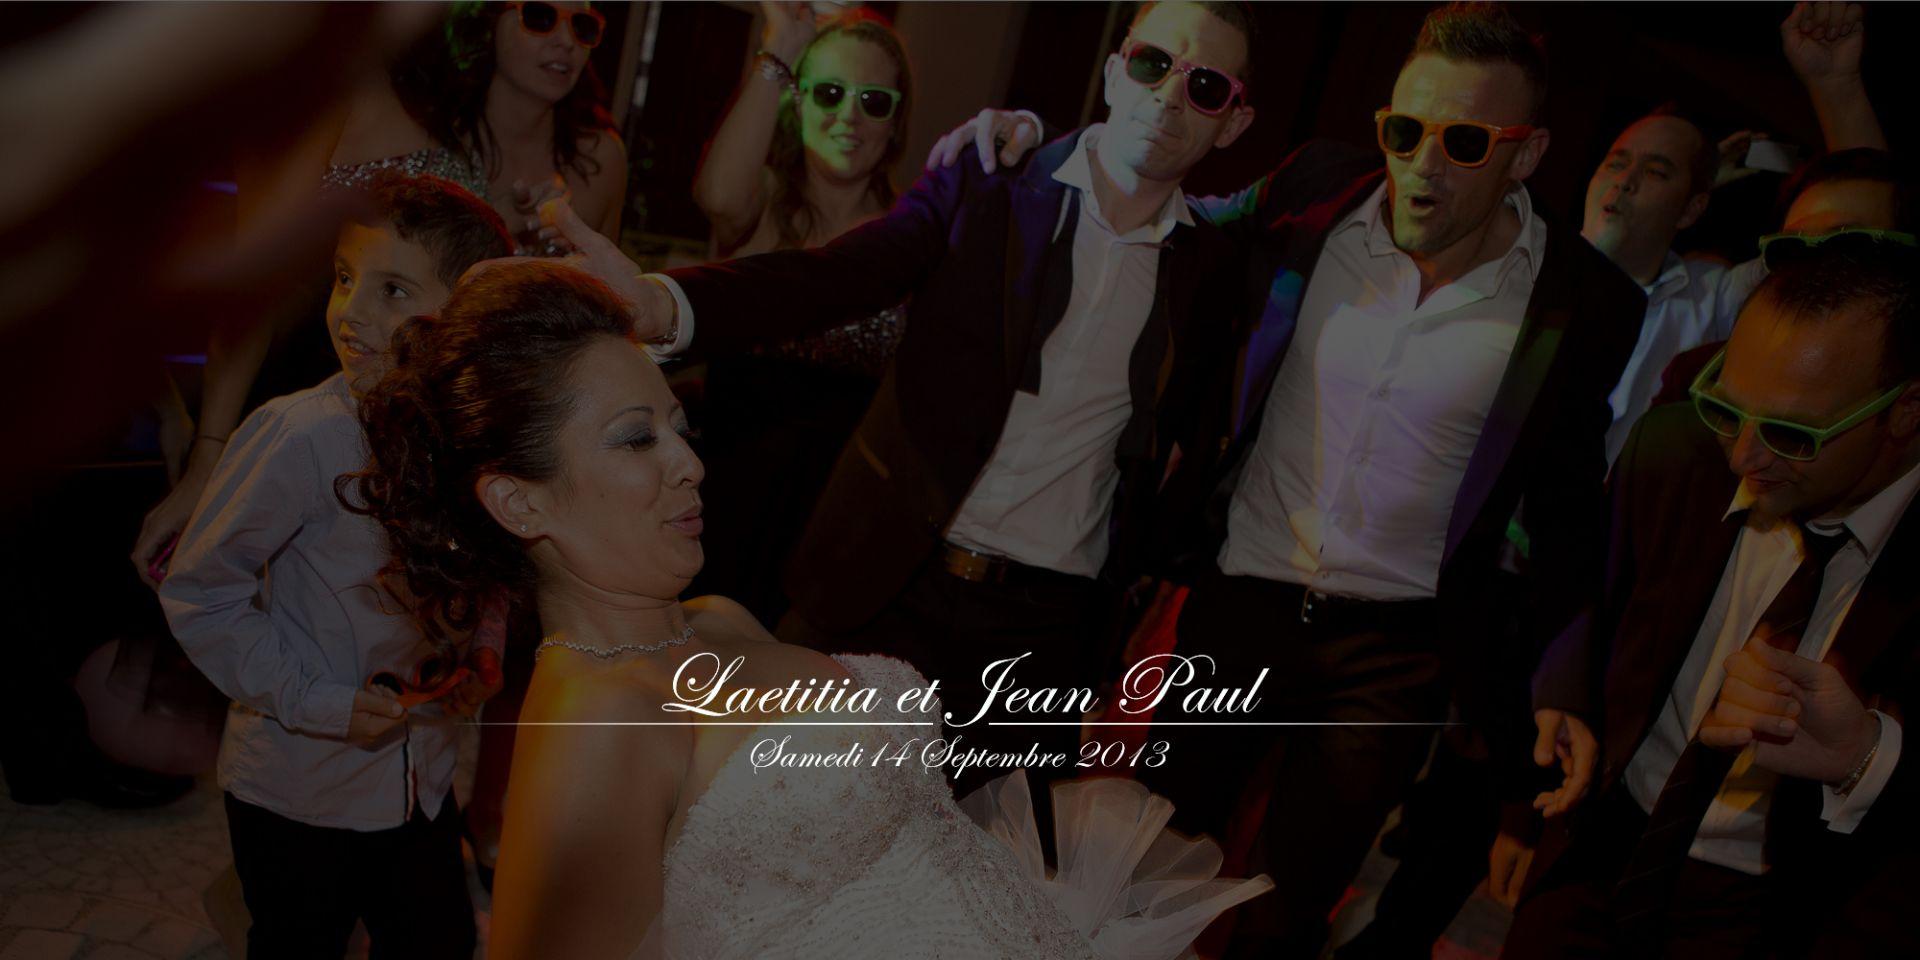 Laetitia et Jean-paul